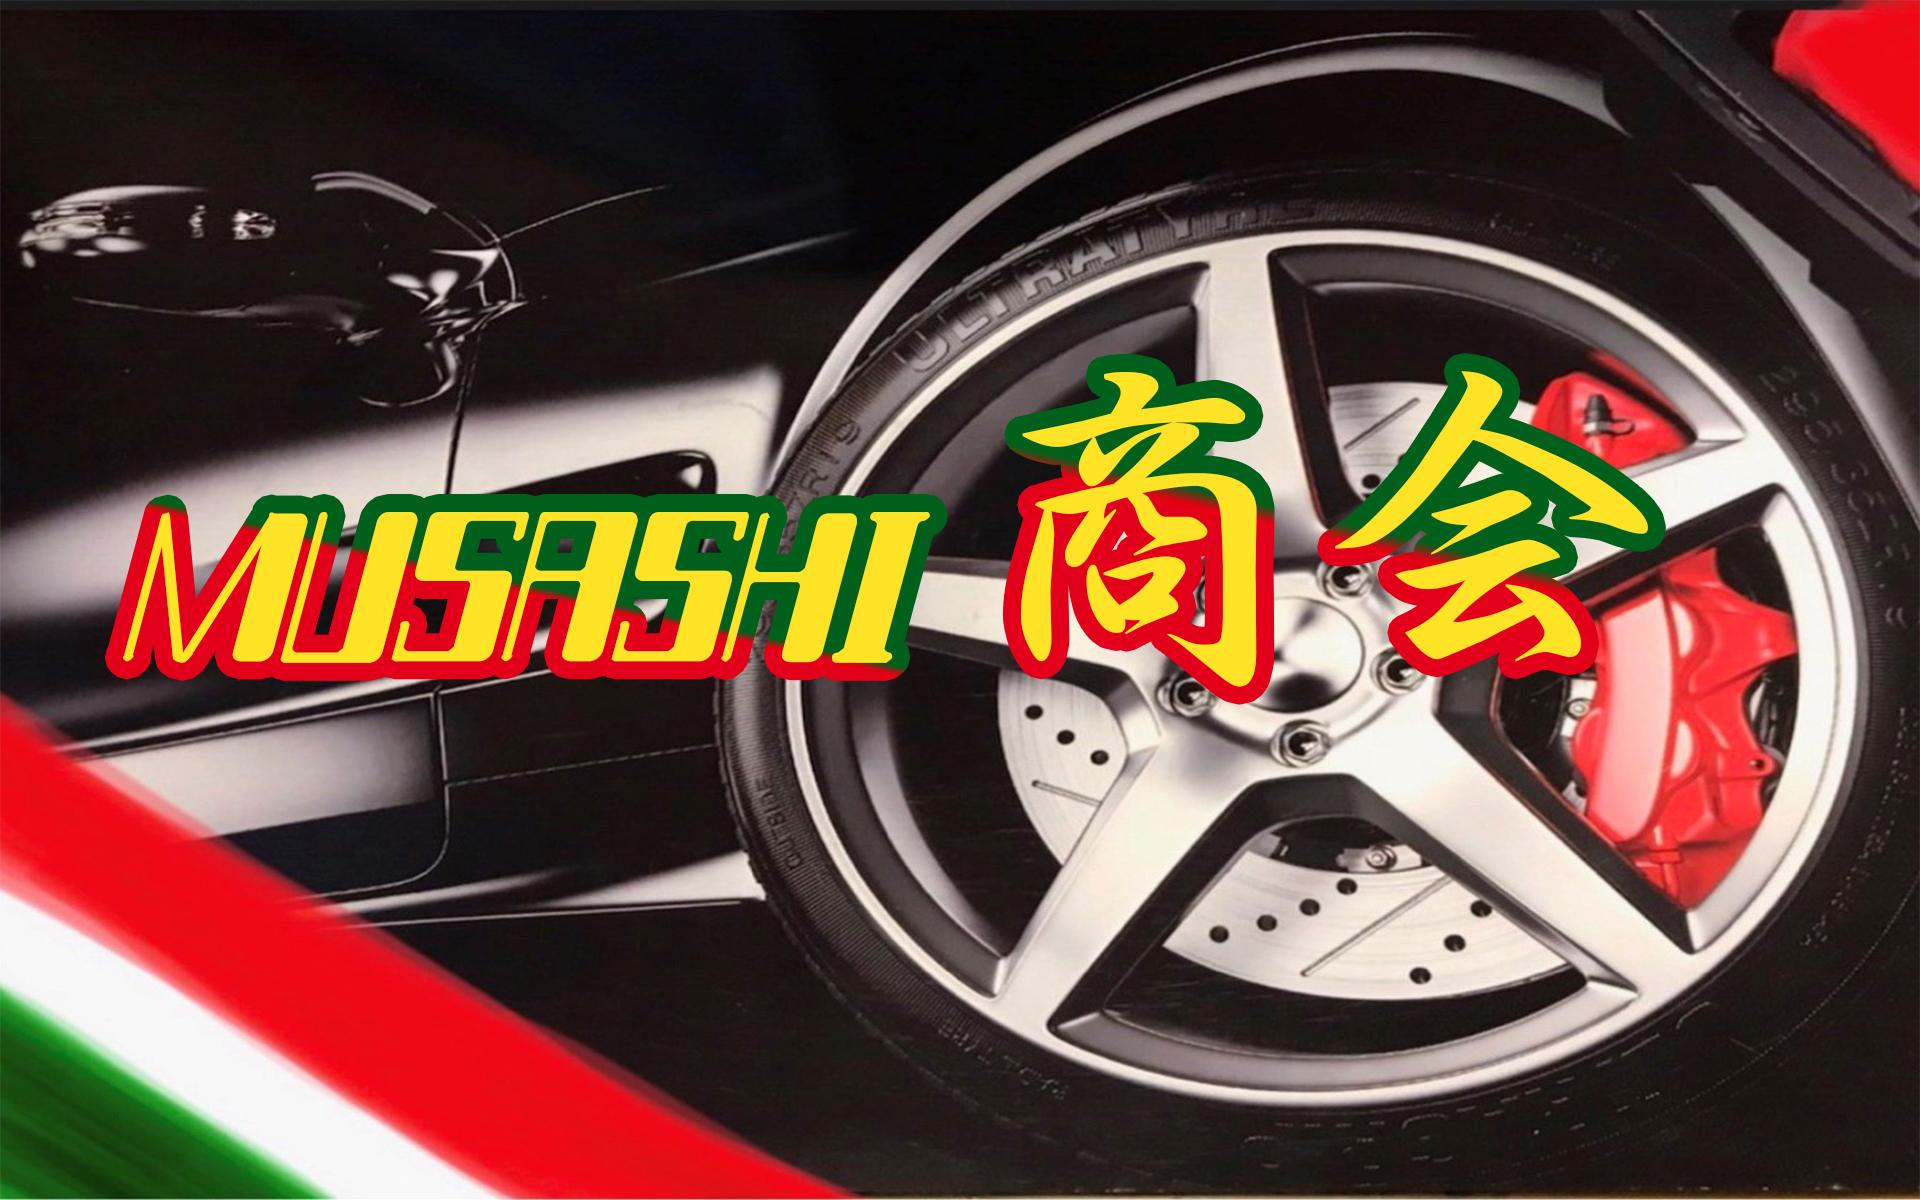 MUSASHI商会はすべて取り付け費無料!新品タイヤも各種取り揃え!中古タイヤ</B>、ホイールの買い取りも実施中!ホイール修理もOK!ノーマルタイヤ各種取り揃え!持ち込みタイヤ交換は、なんと¥1.000-!ホイール塗装OK!タイヤバランス調整します!までどんなタイヤサイズもあります! 板金修理いたします!安心!車検整備いたします! いらなくなった車を買い取ります 出張!タイヤ修理いたします!